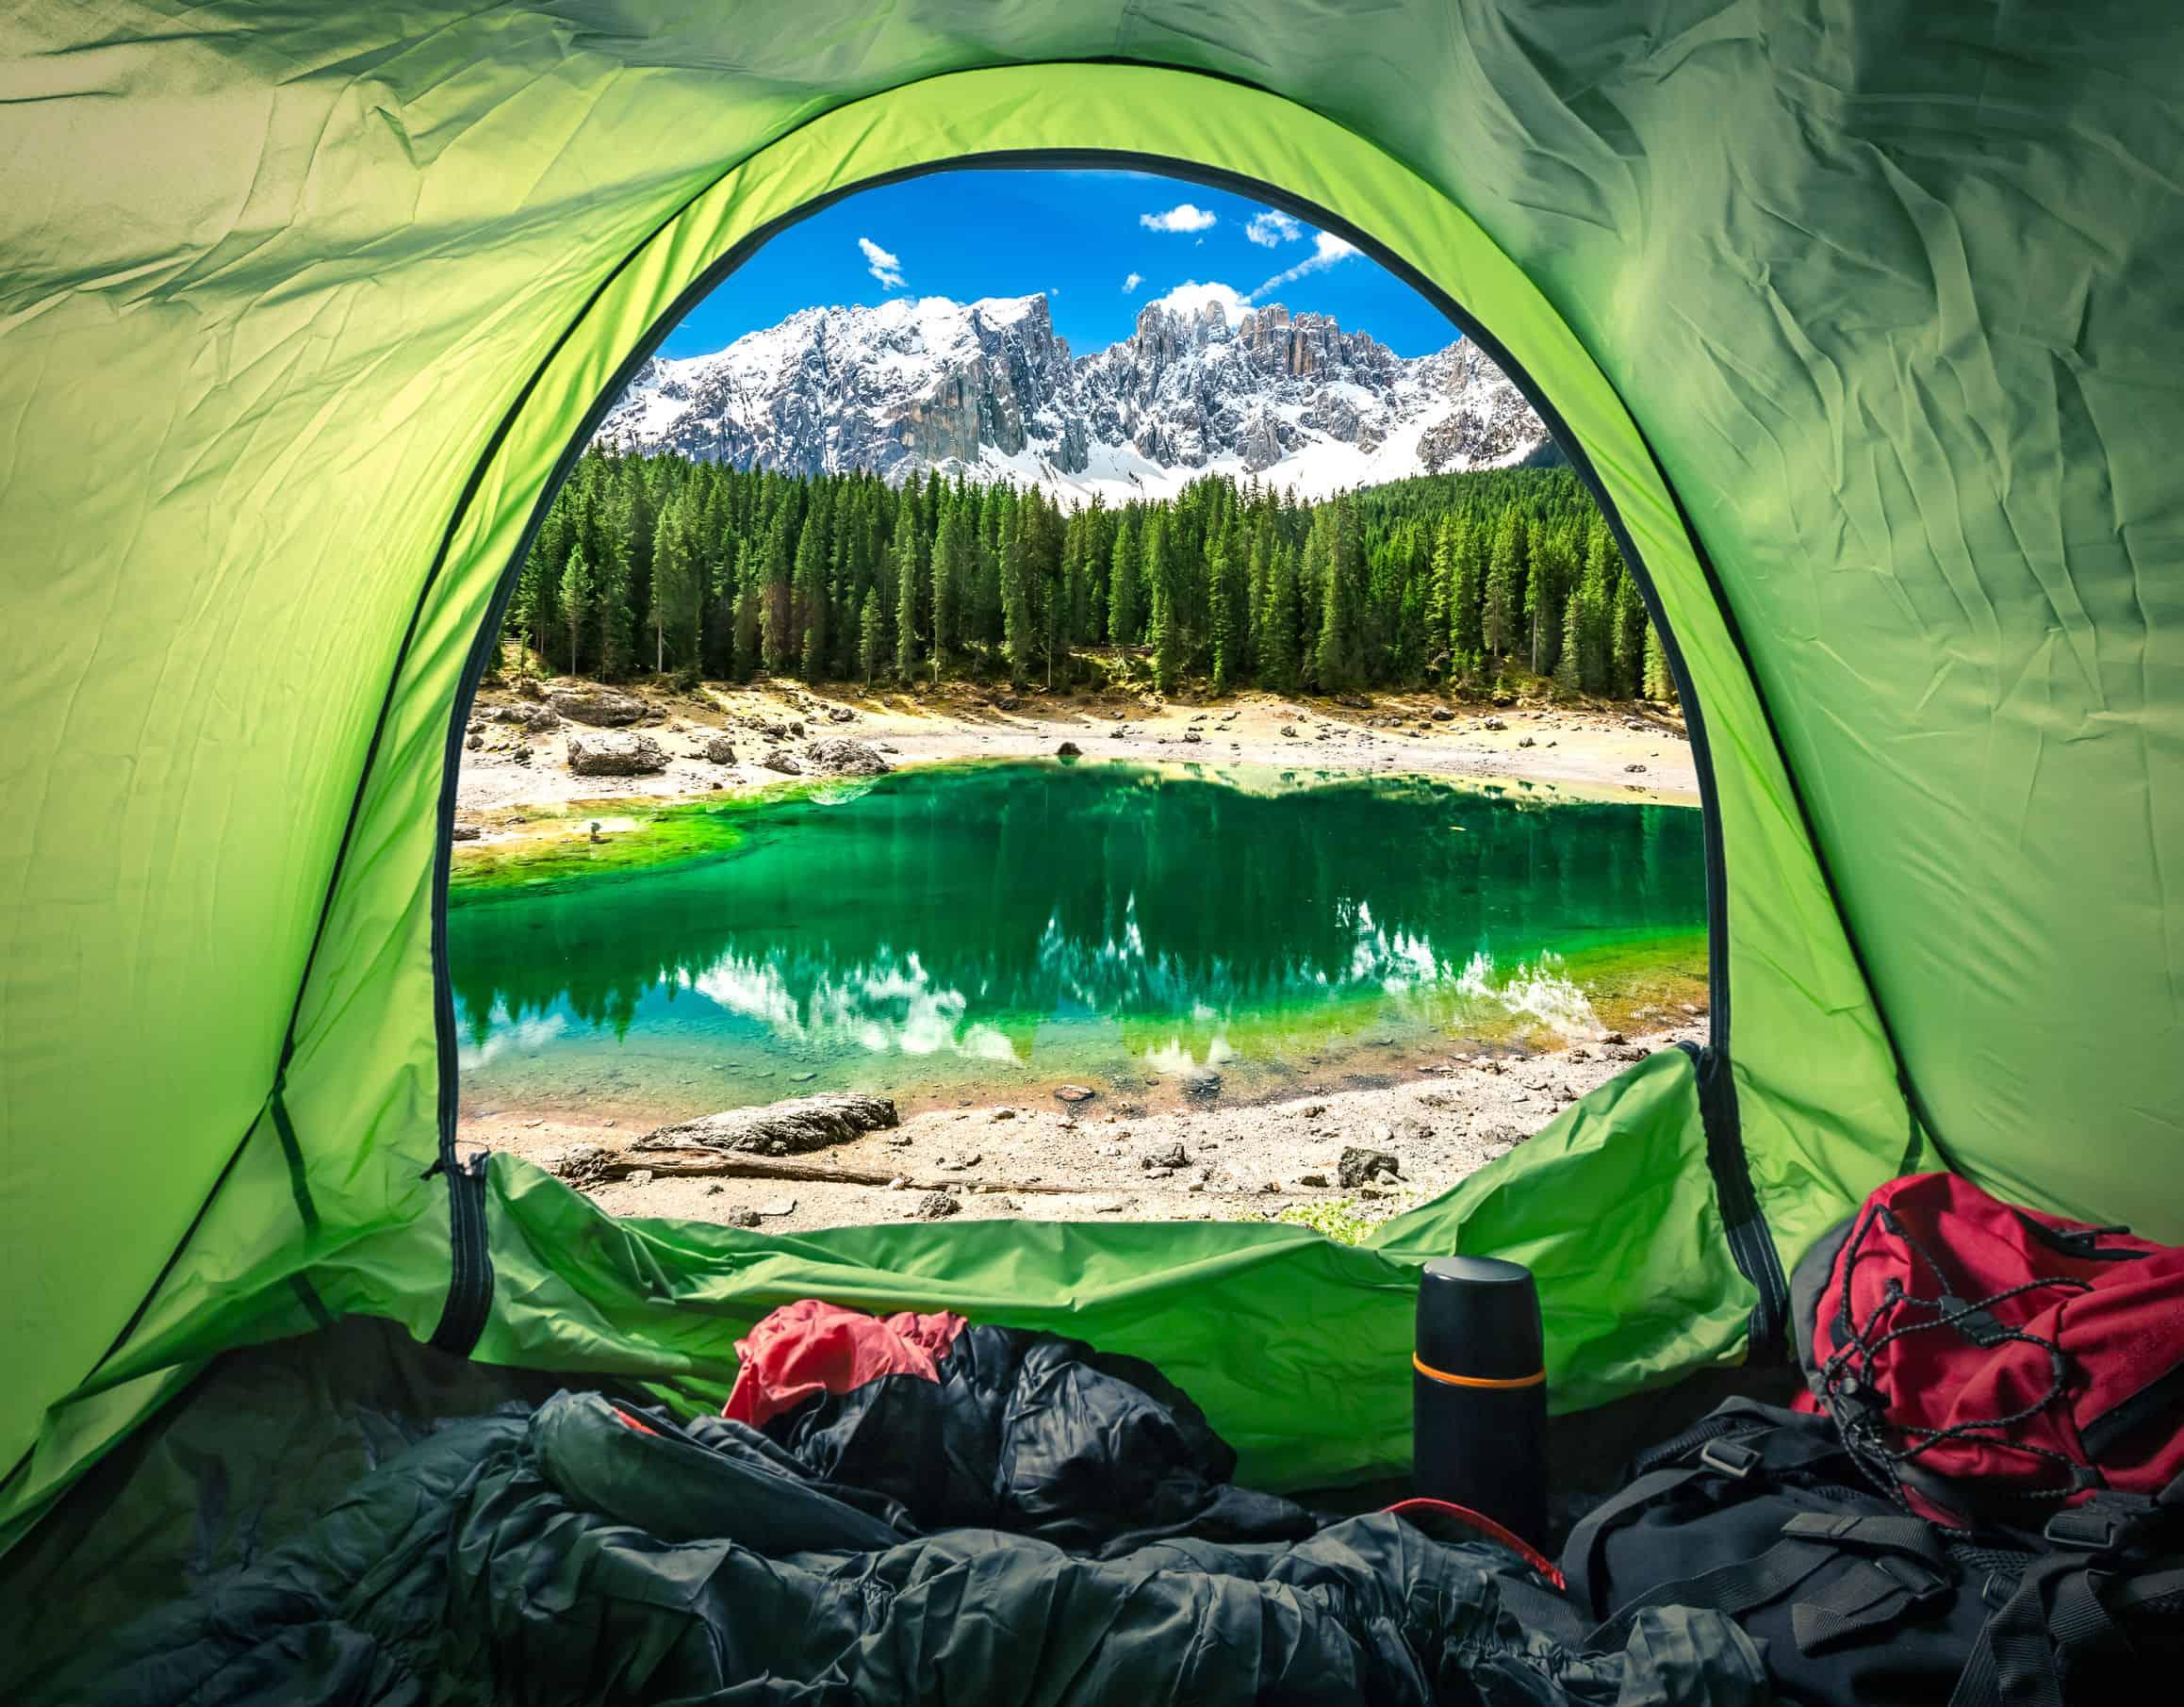 Sommerschlafsack: Test & Empfehlungen (07/20)